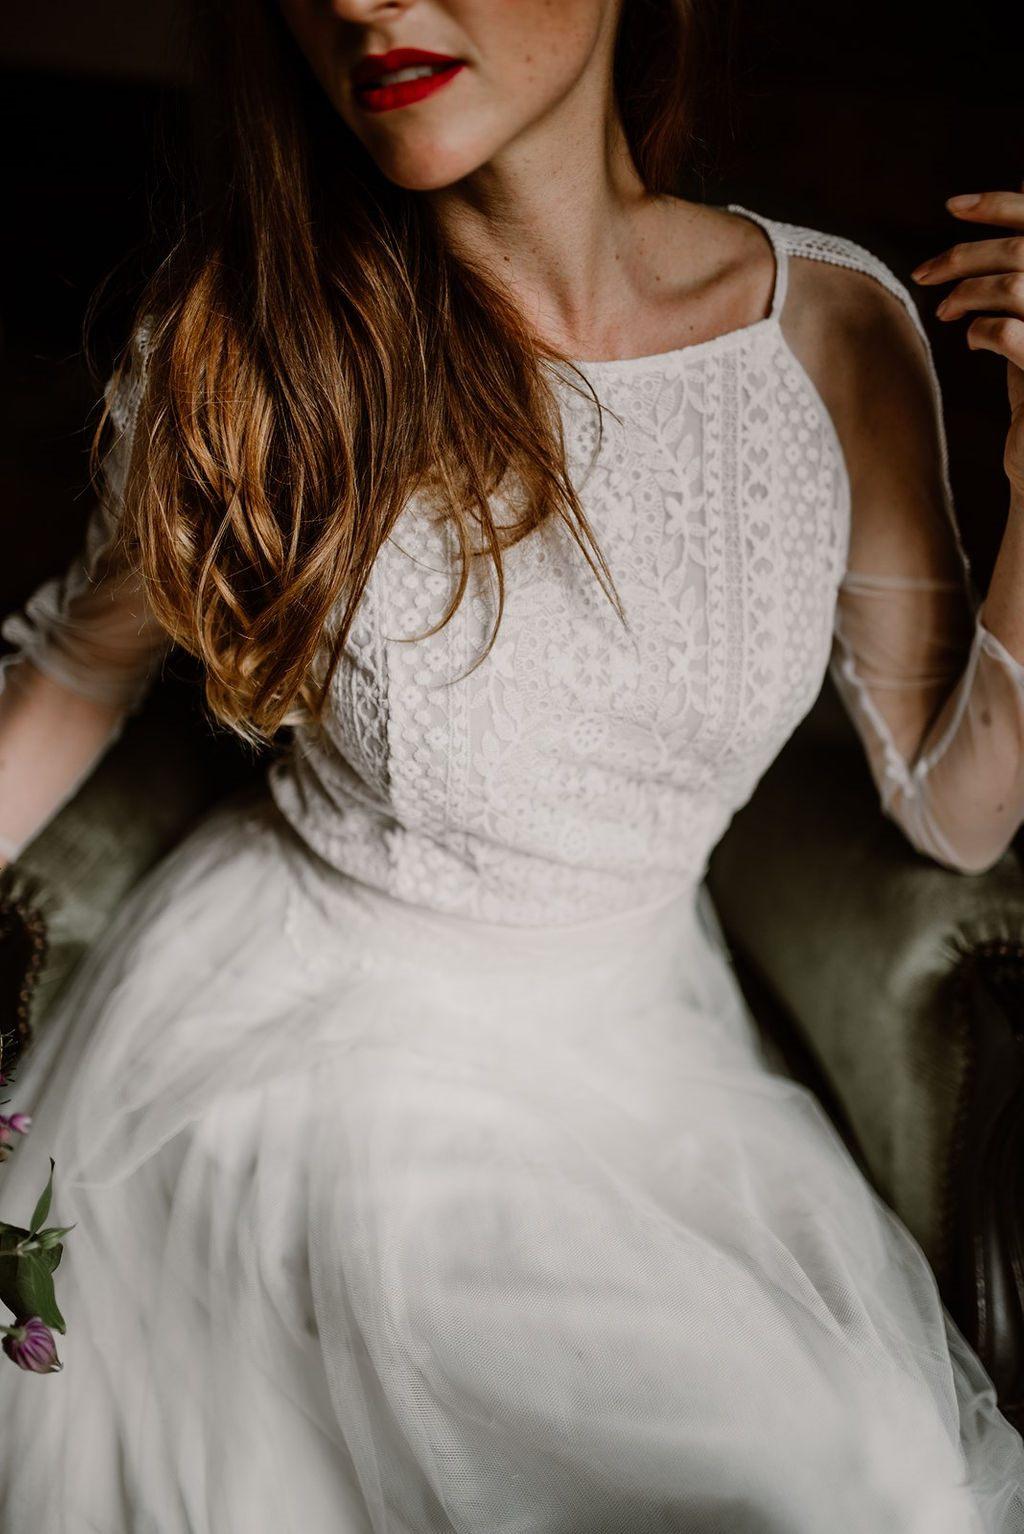 Cette belle robe de mariée original est composé d'une dentelle au motif géométrique très tendance.